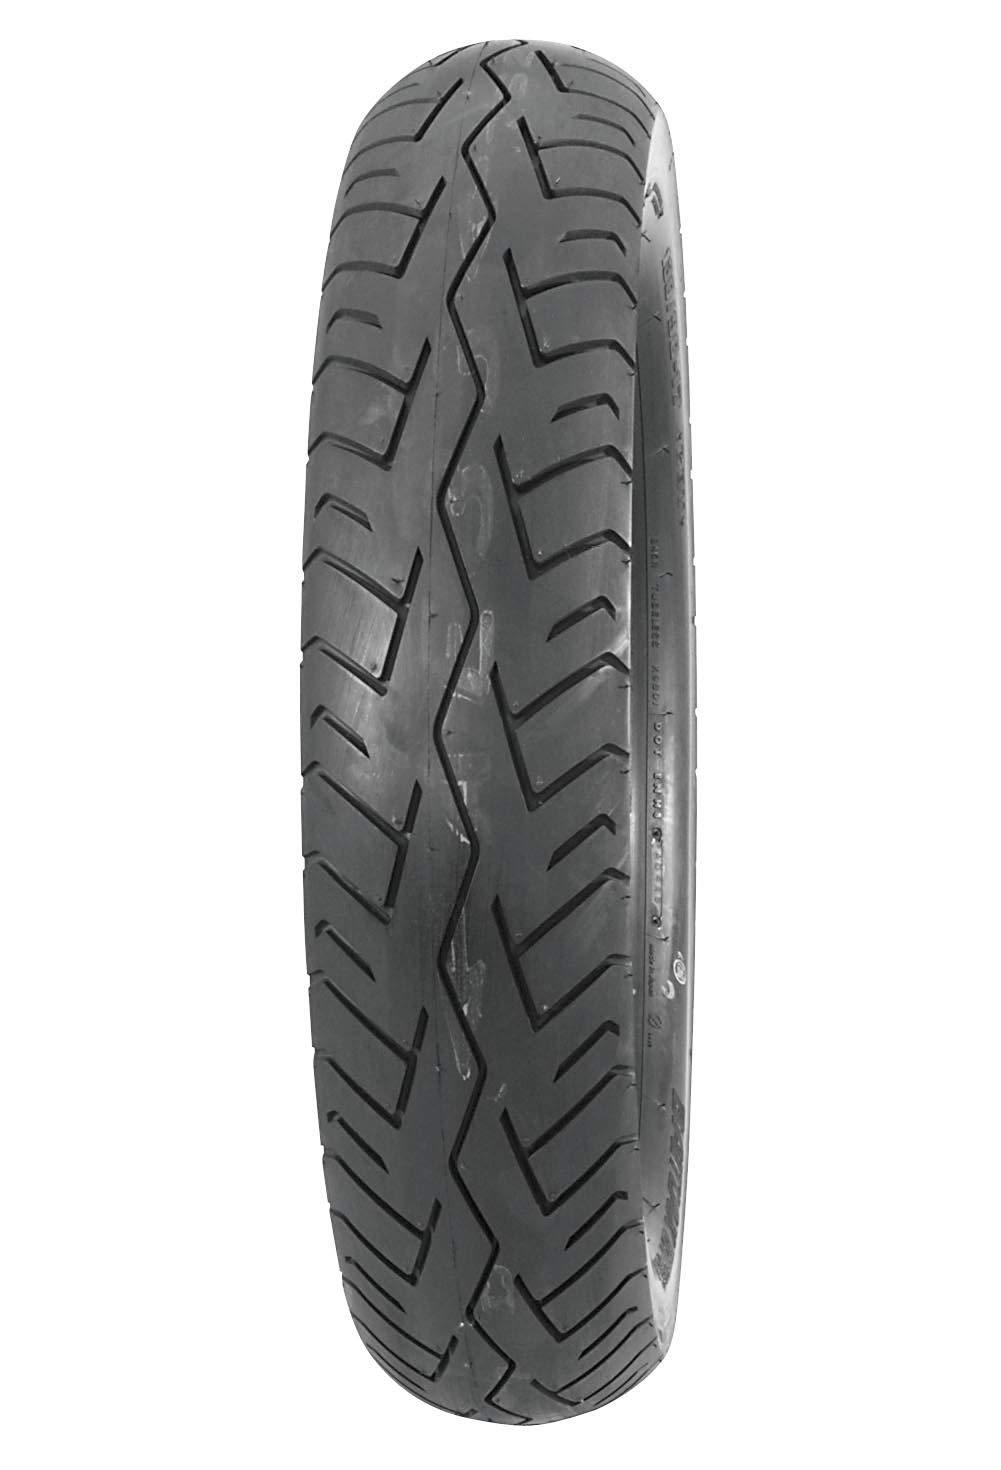 Bridgestone Battlax BT45 Rear Tire (110/90-18) 4333046930 tr-300757